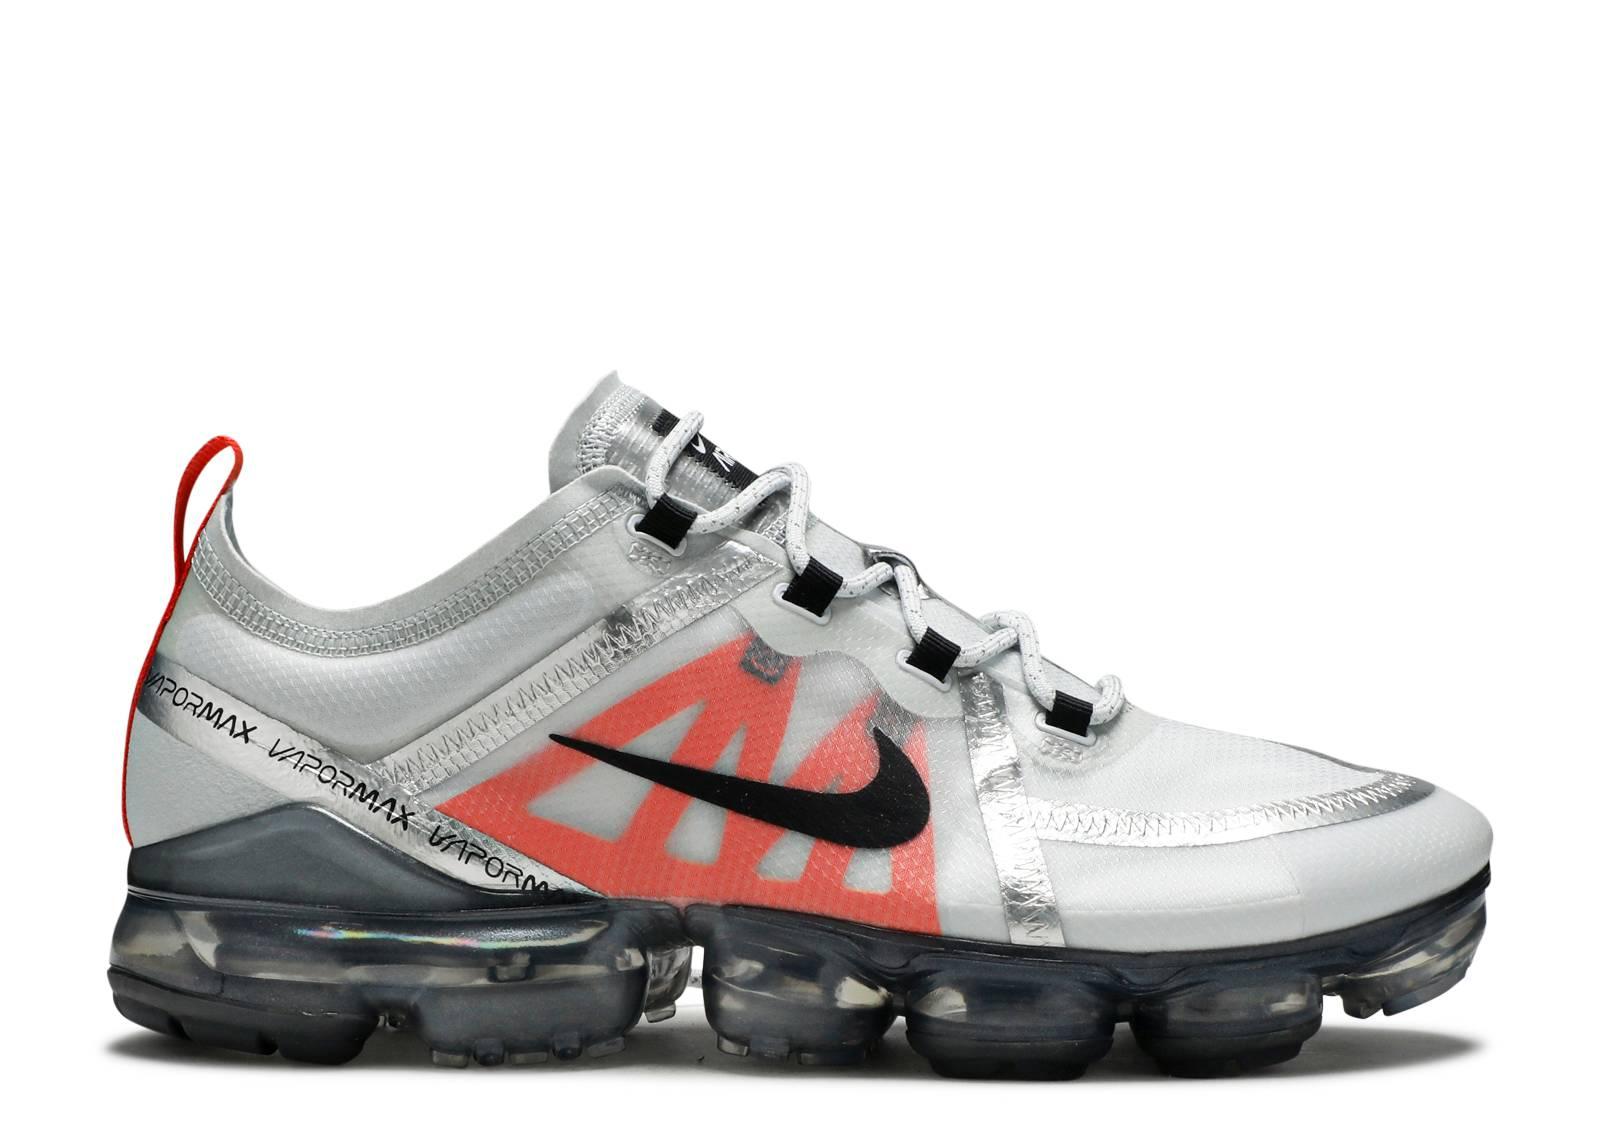 357a13d97 Air Vapormax 2019 - Nike - ar6631 003 - pure platinum/black white ...